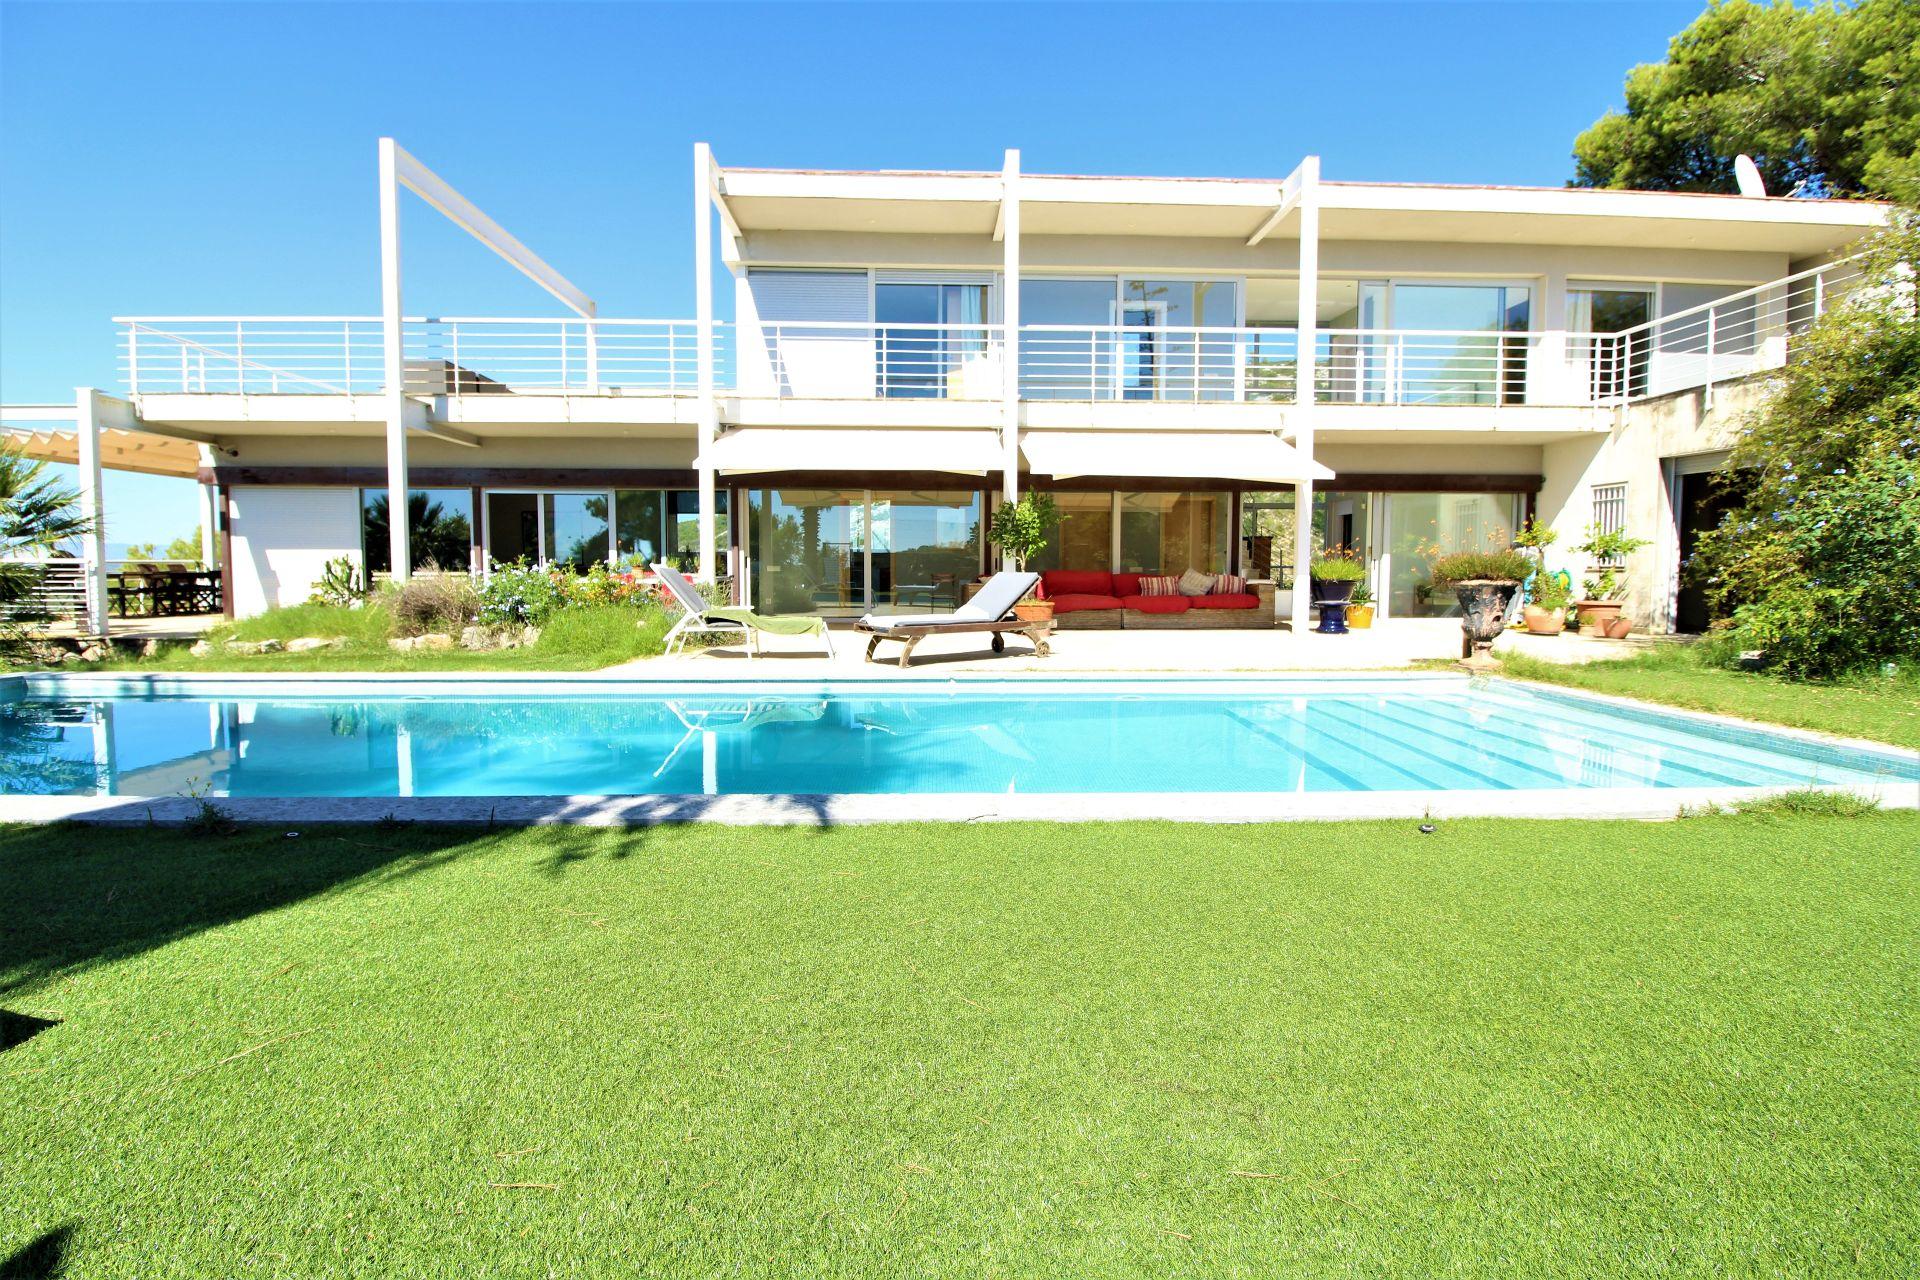 Casa / Chalet en Sitges, QUINT-MAR, venta